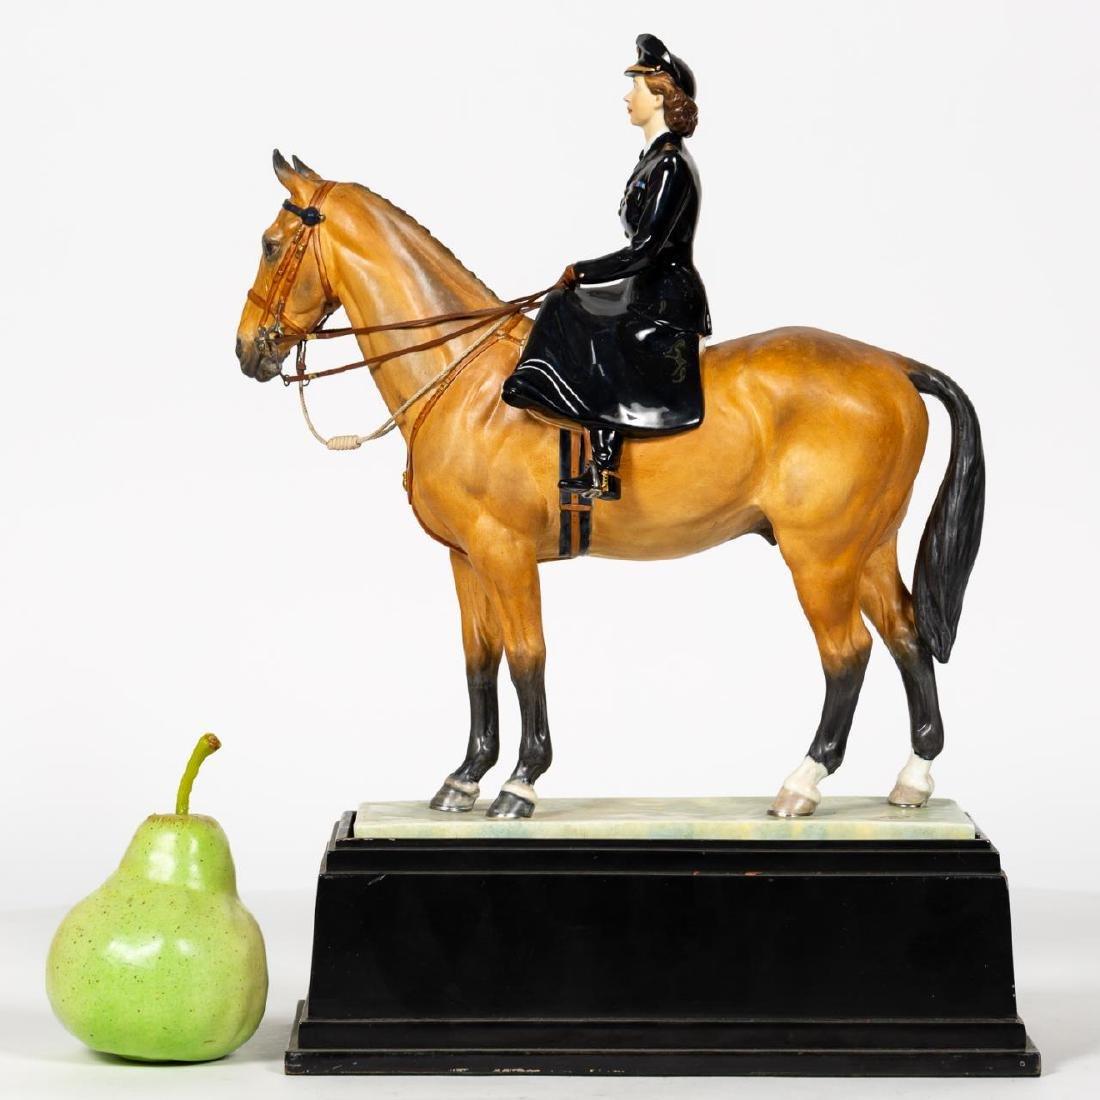 Royal Worcester Princess Elizabeth Figurine, Base